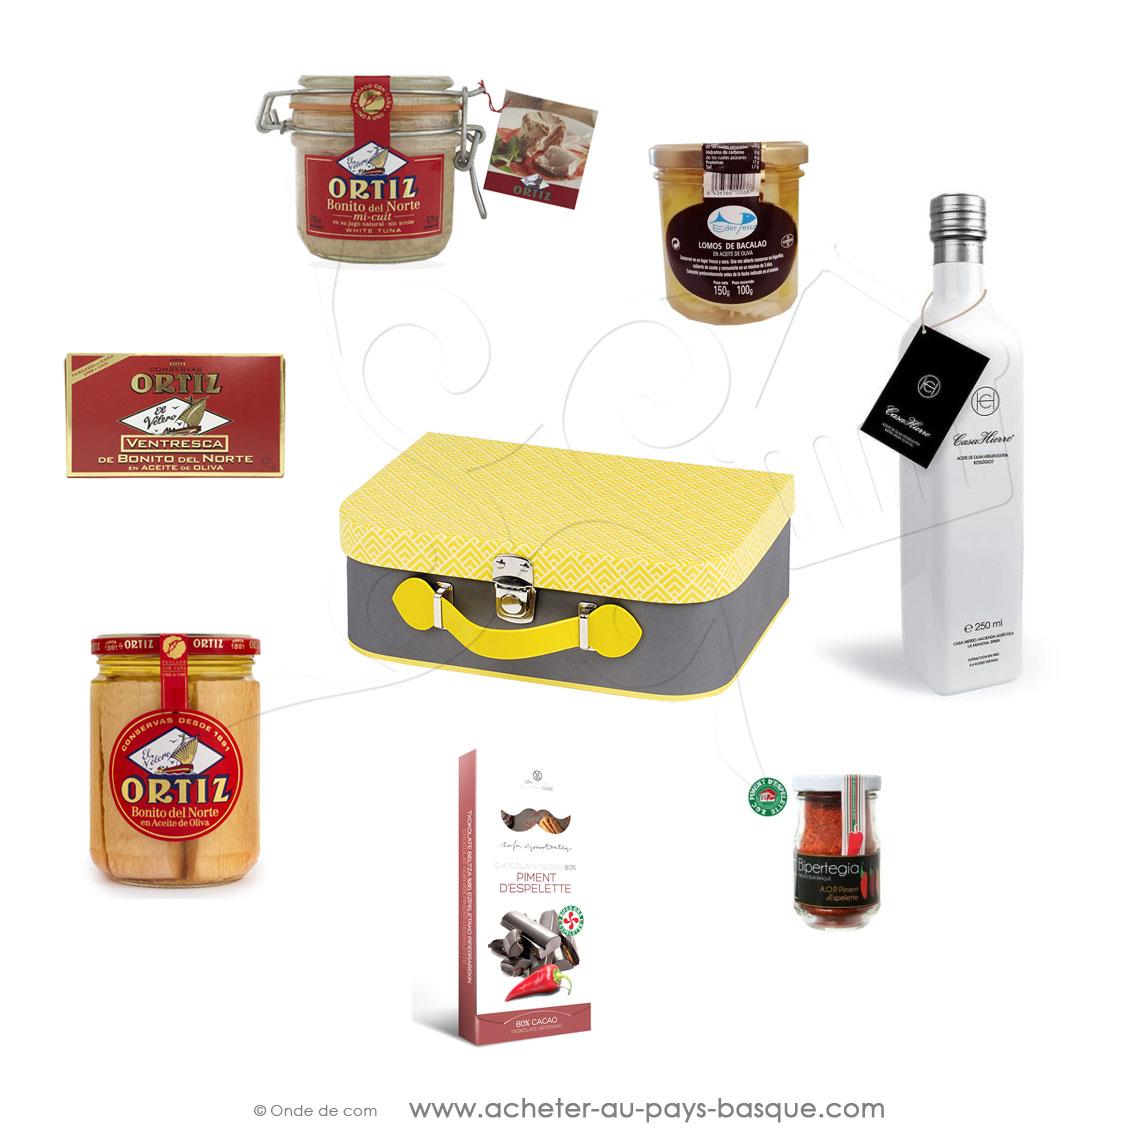 coffret cadeau: huile d'olive Gourmet thon bonite mi-cuit morue ventrêche Bonito tablette chocolat piment d'Espelette